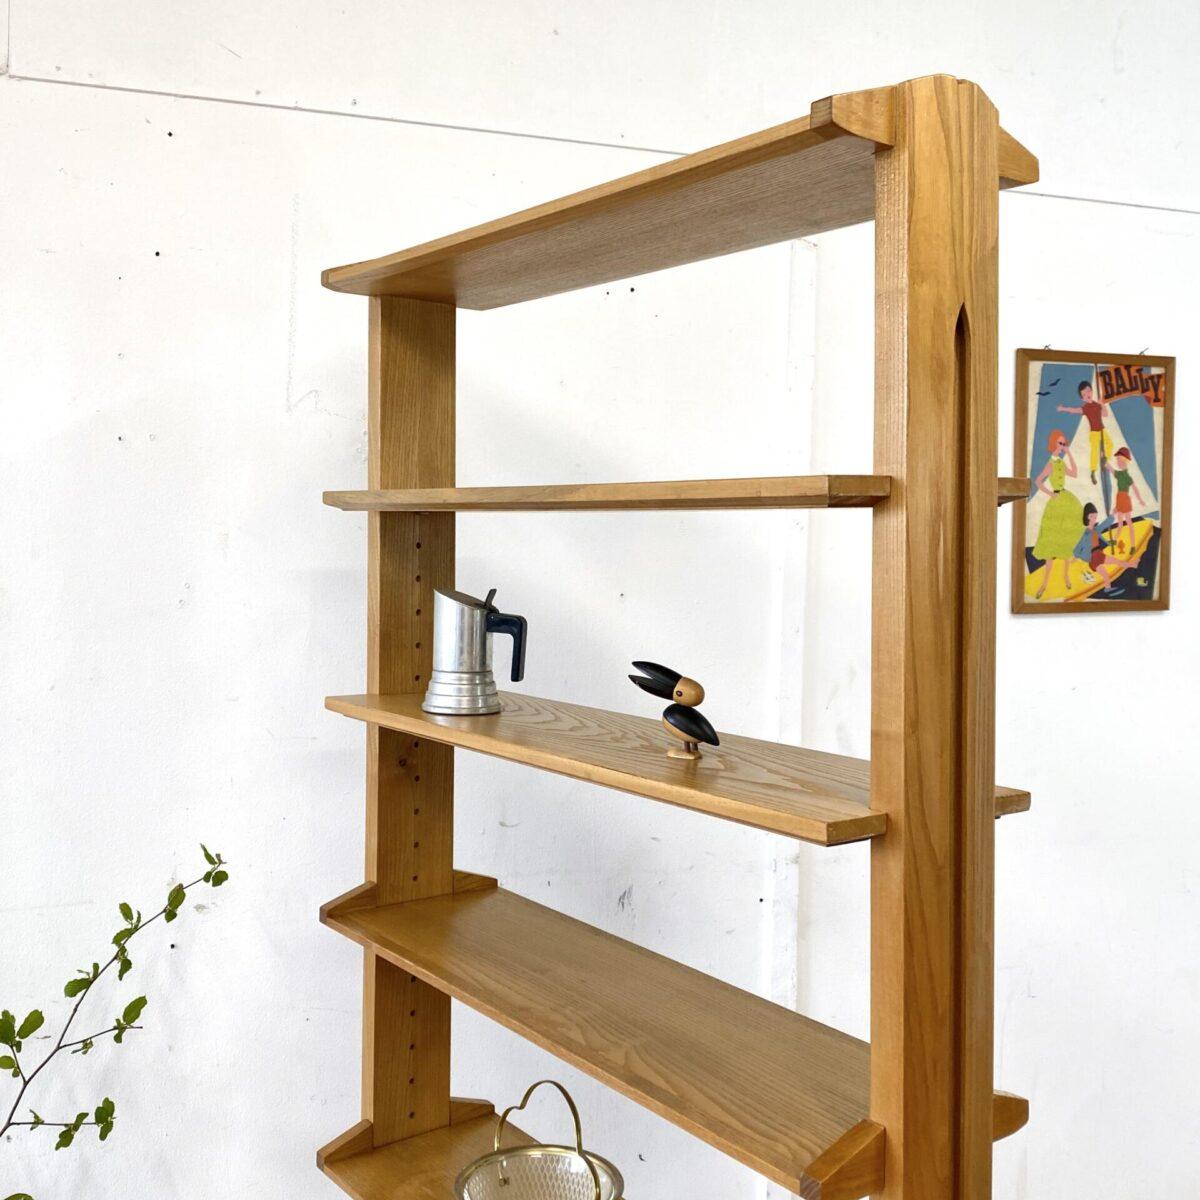 Deuxieme.shop swissdesign bookshelf. Schweizer Eschenholz Regal von Corta Multiform aus den 50er Jahren. 82x39cm Höhe 180cm die Tiefe der Tablare ist 23cm. Die Tablare sind Höhenverstellbar, die untere Ablage ist mit schwarzem Kunstleder belegt, bisschen abgeschabt. Ansonsten in stabilem schönen Vintage Zustand.